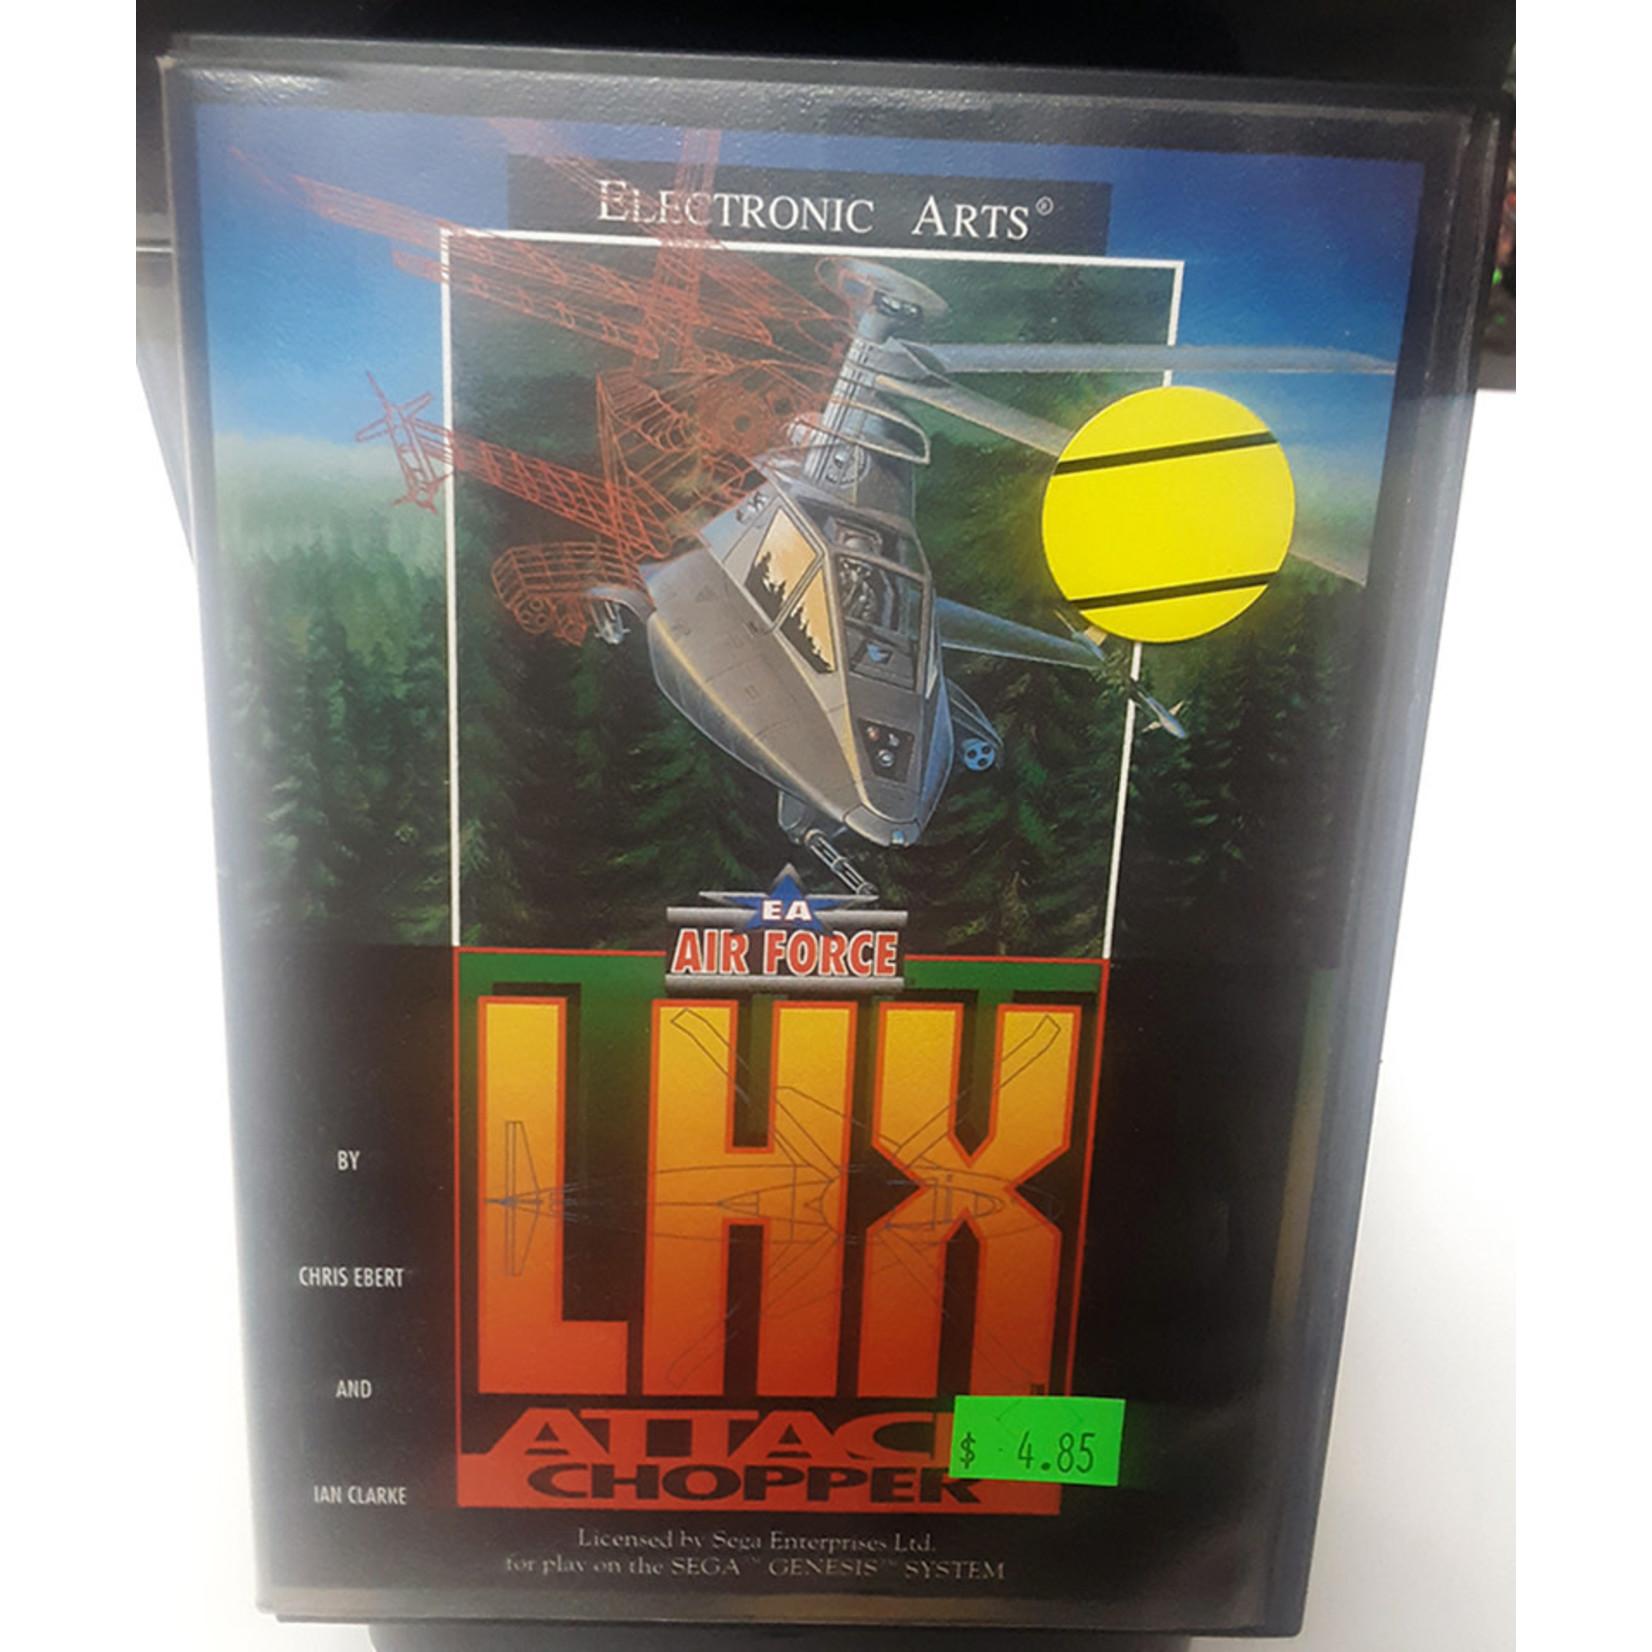 SGU-LHX Attack Chopper (boxed)